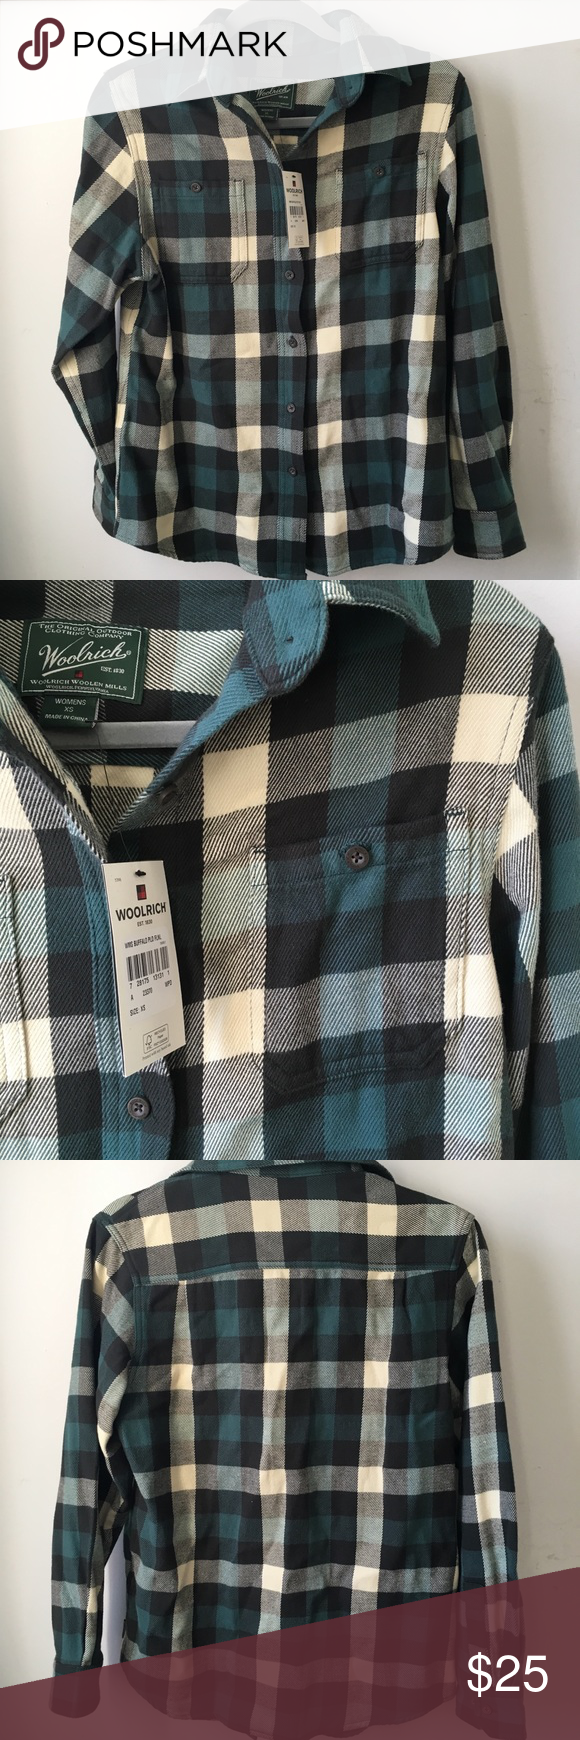 Flannel shirt ideas  NWT plaid button down flannel shirt  Flannel shirts Flannels and Plaid